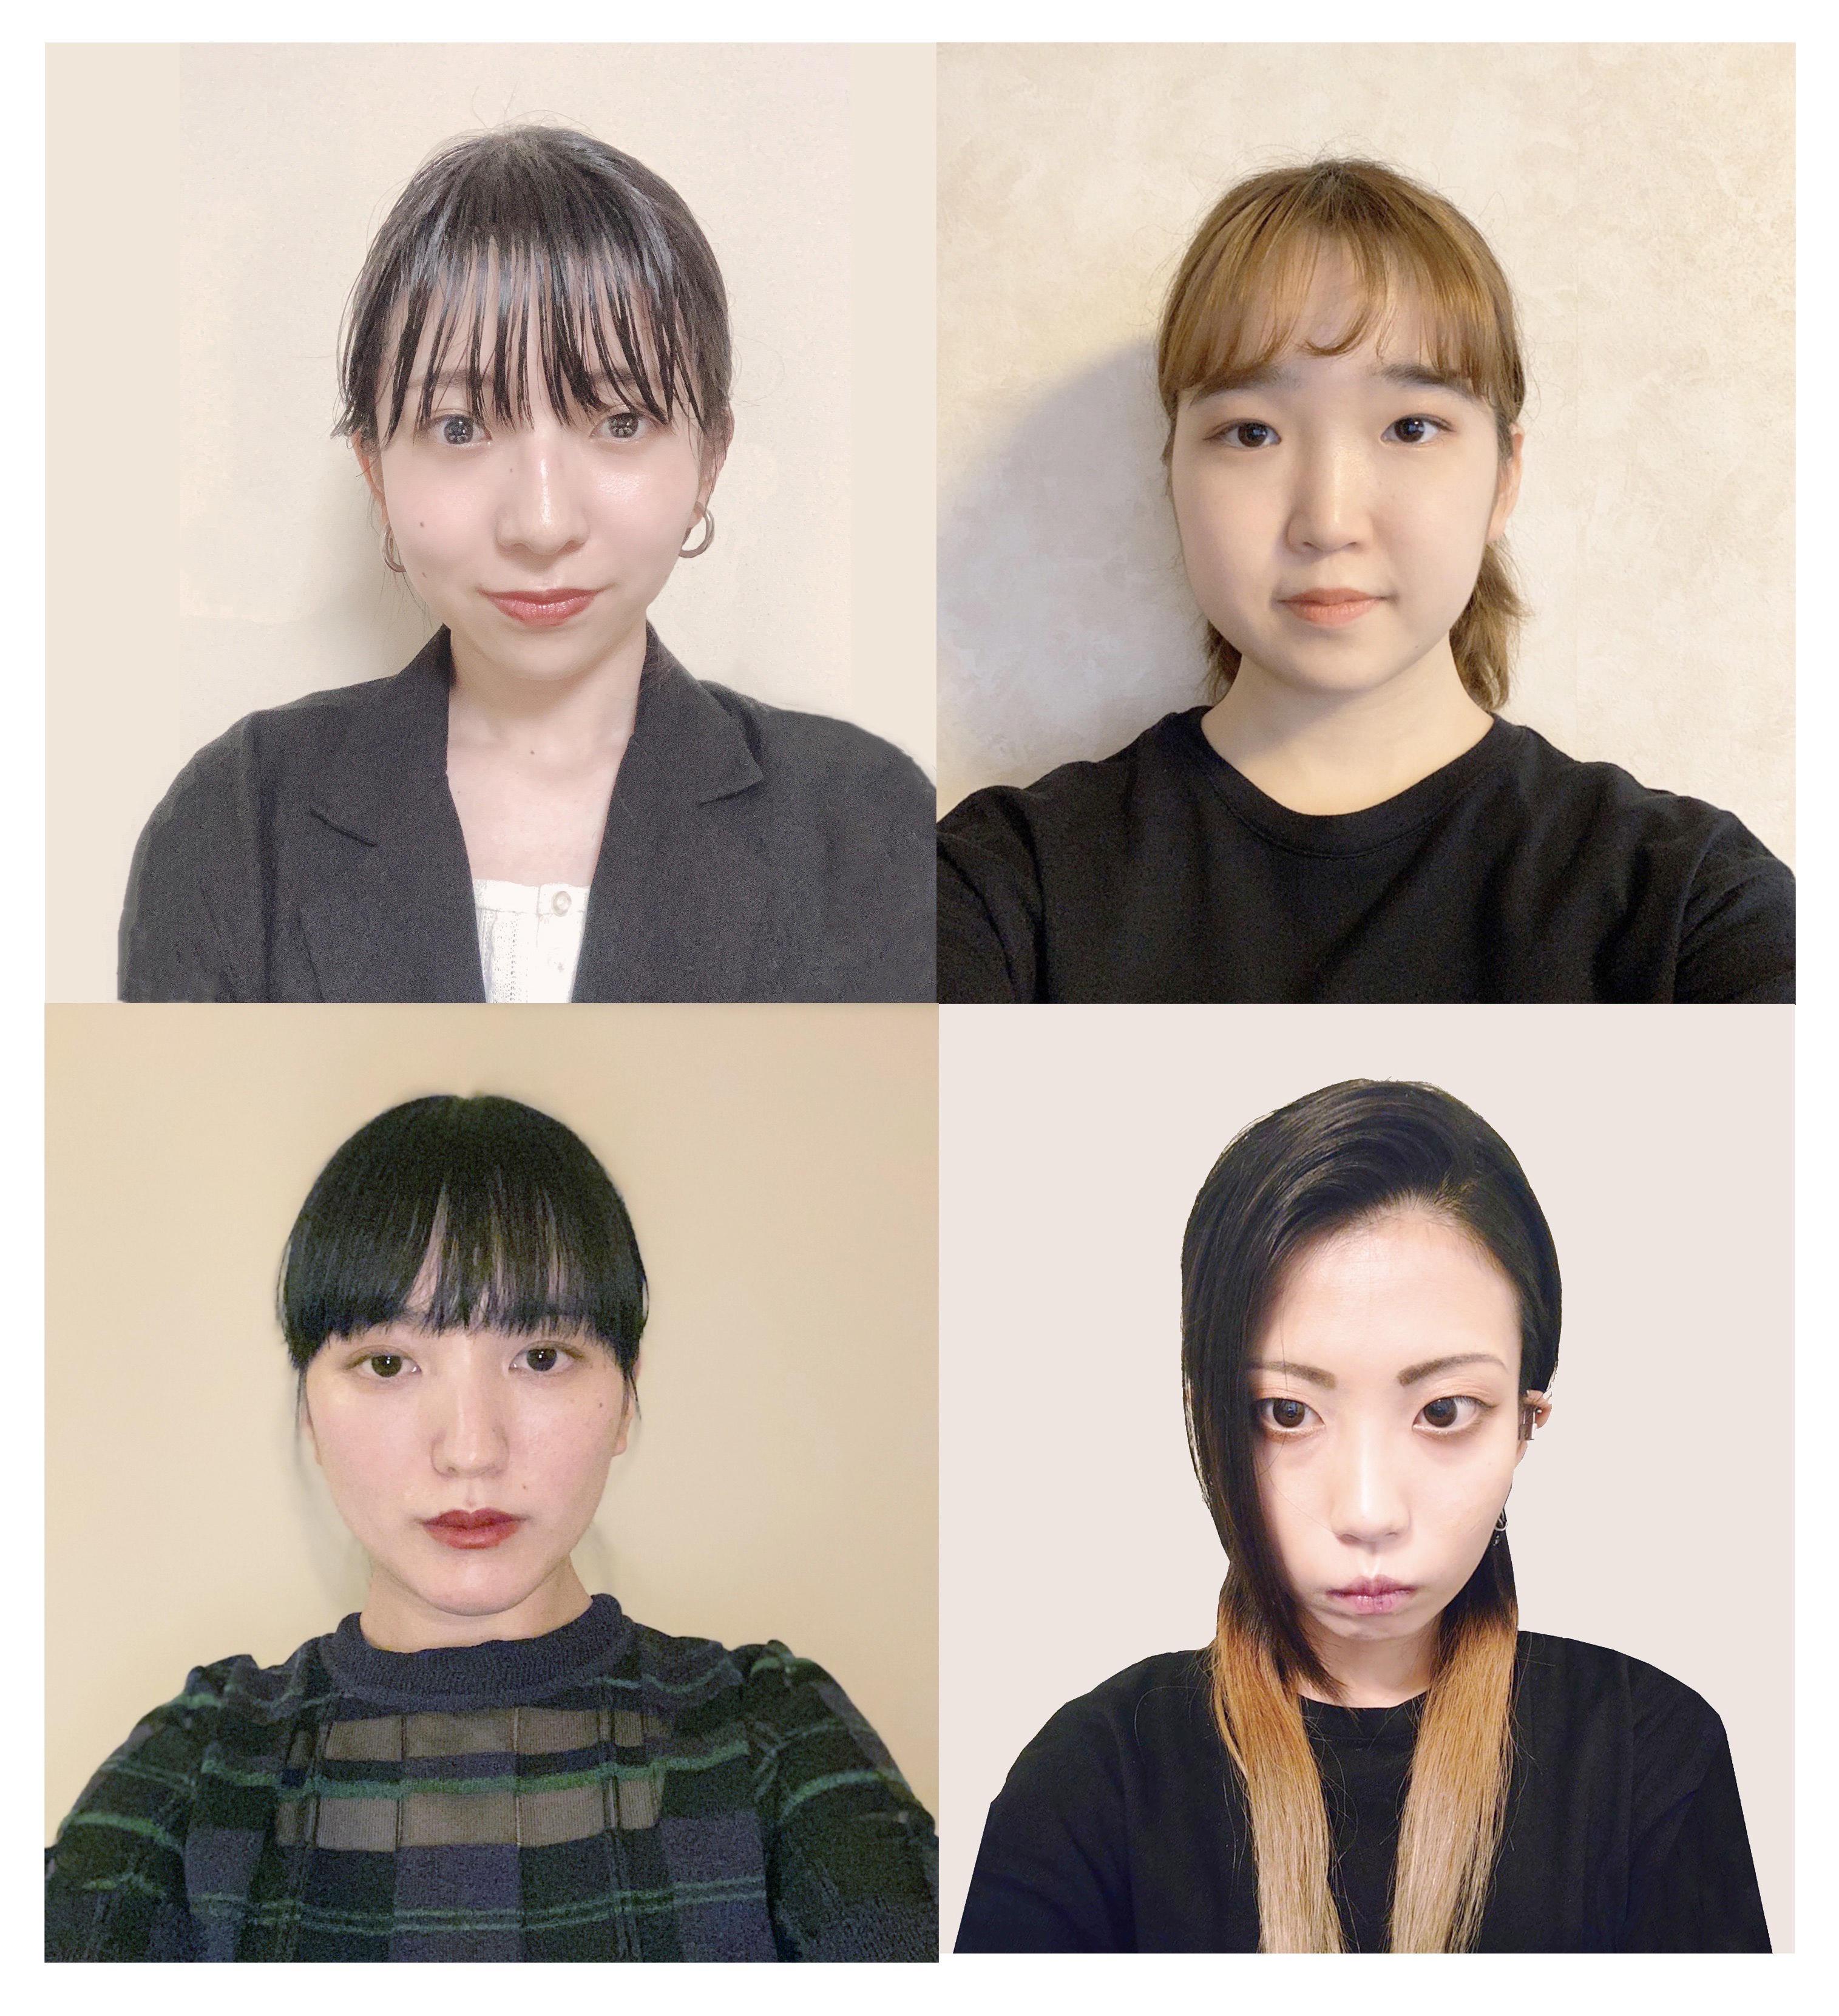 (左上) 鎌内さん(右上)伊藤さん(左下)清水さん(右下)岩村さん